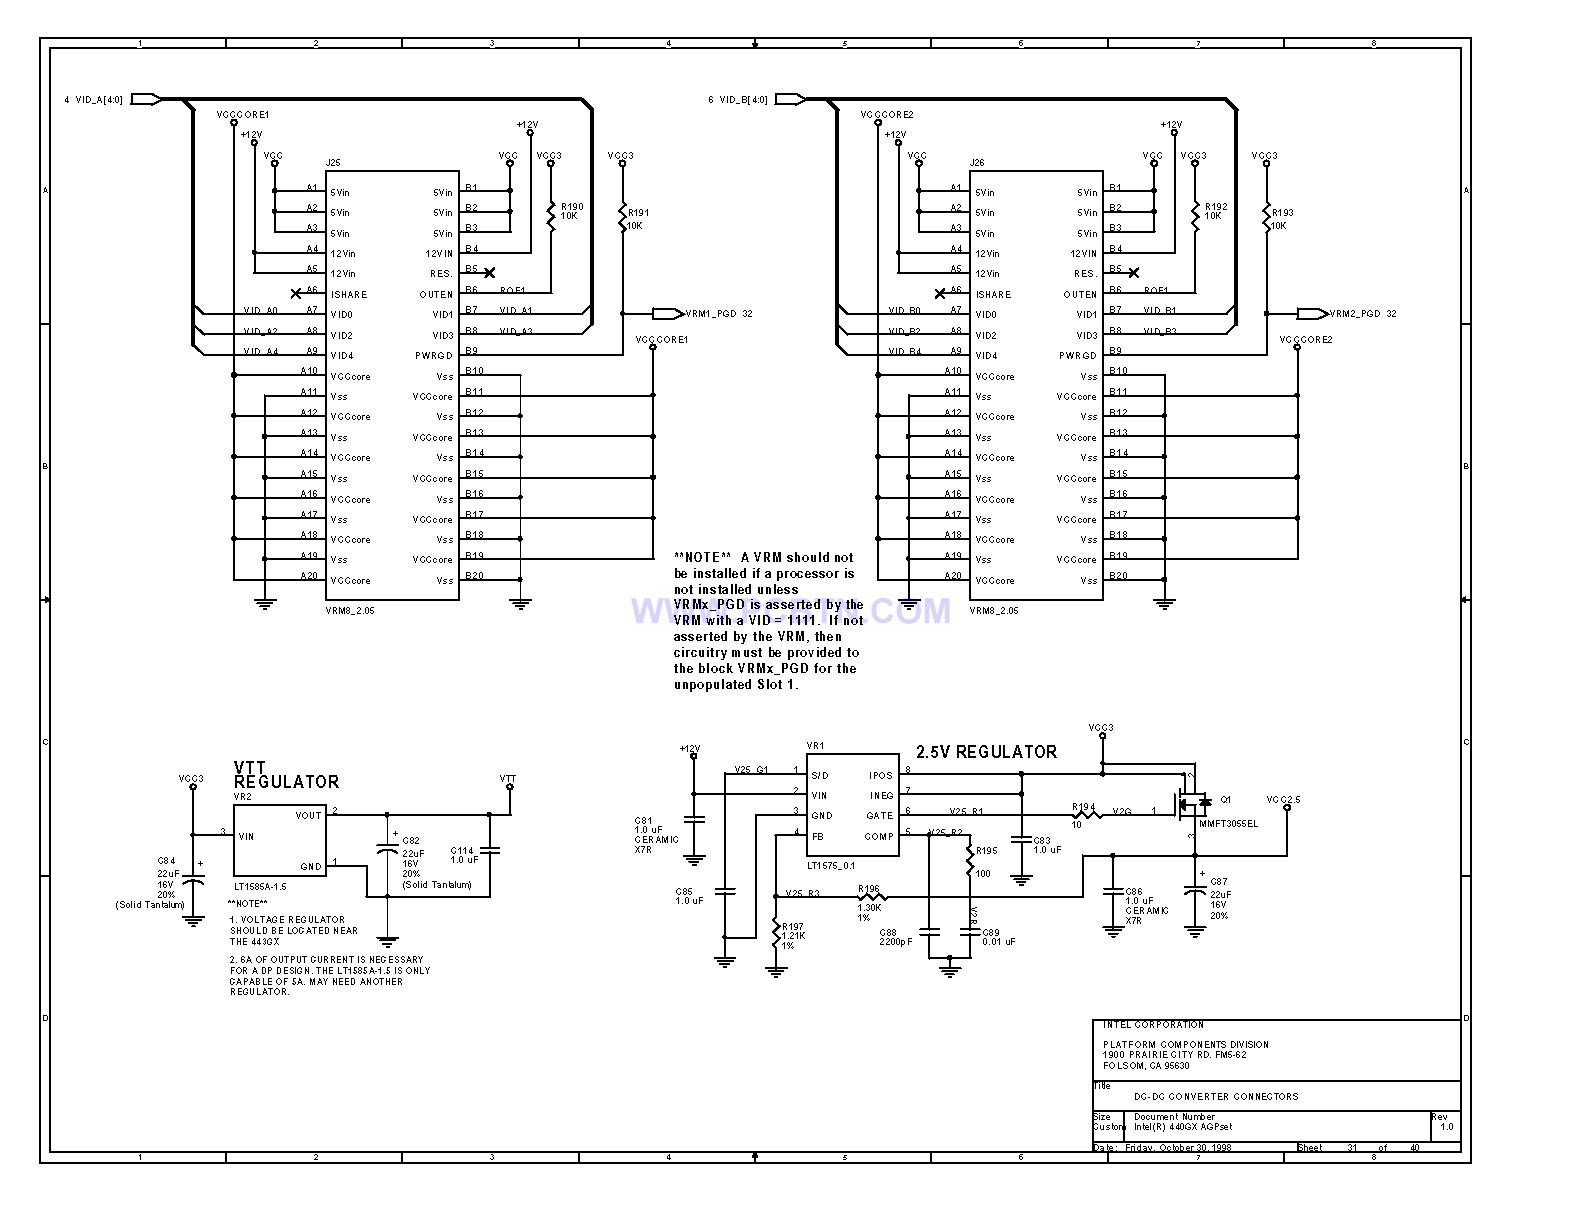 电脑主板设计图440gx[_]31